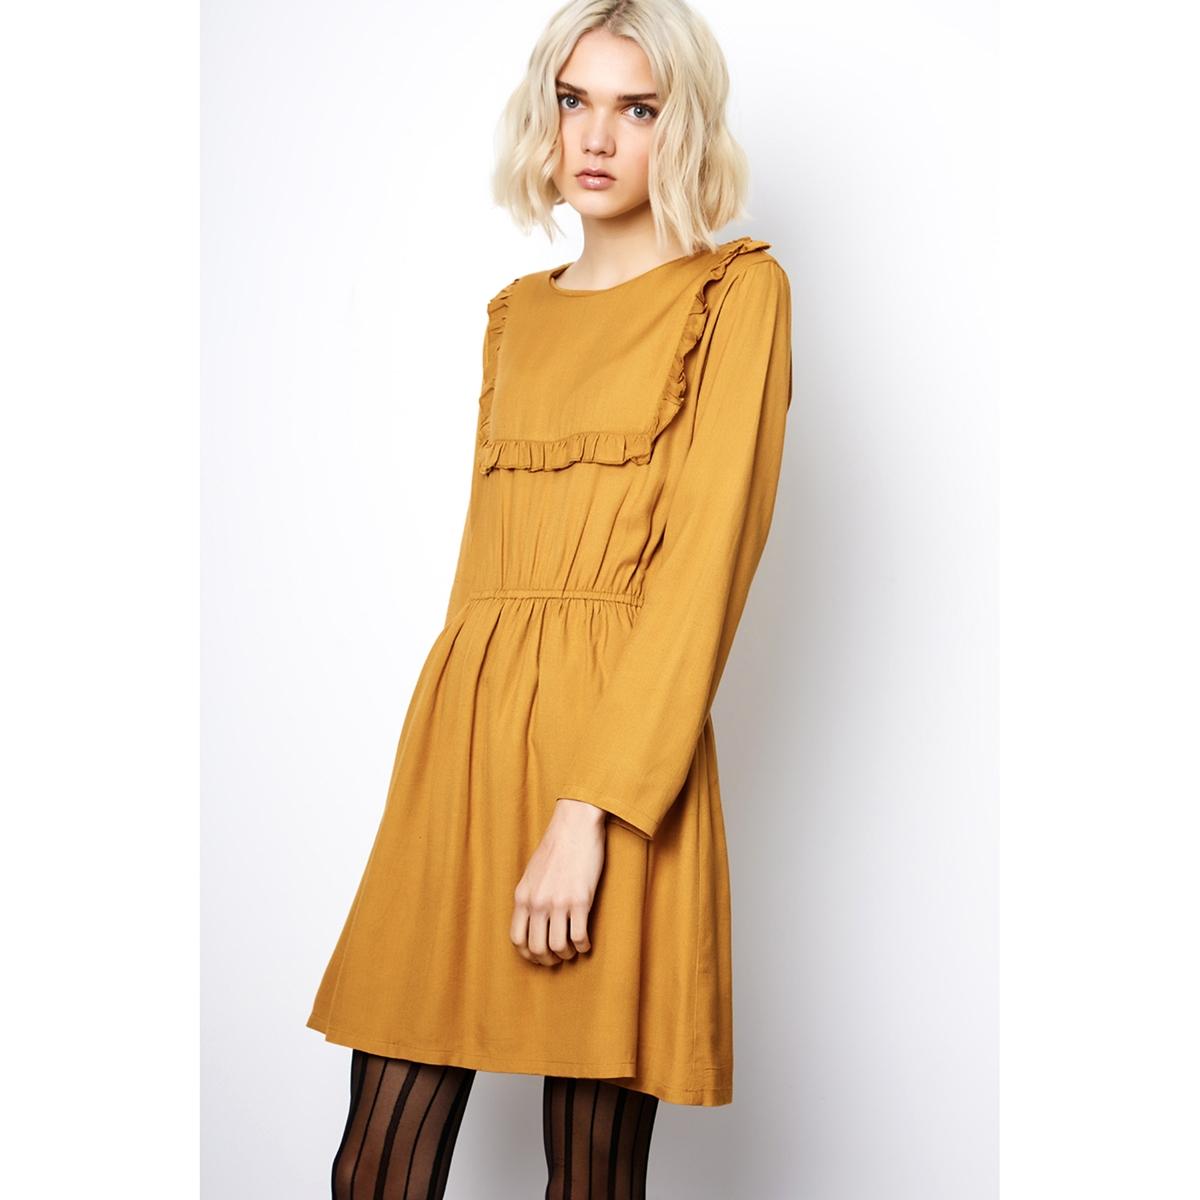 Платье короткое с длинными рукавамиДетали •  Форма : расклешенная •  Короткое  •  Длинные рукава     •  Круглый вырезСостав и уход •  100% вискоза  •  Следуйте советам по уходу, указанным на этикетке<br><br>Цвет: желтый охровый<br>Размер: M